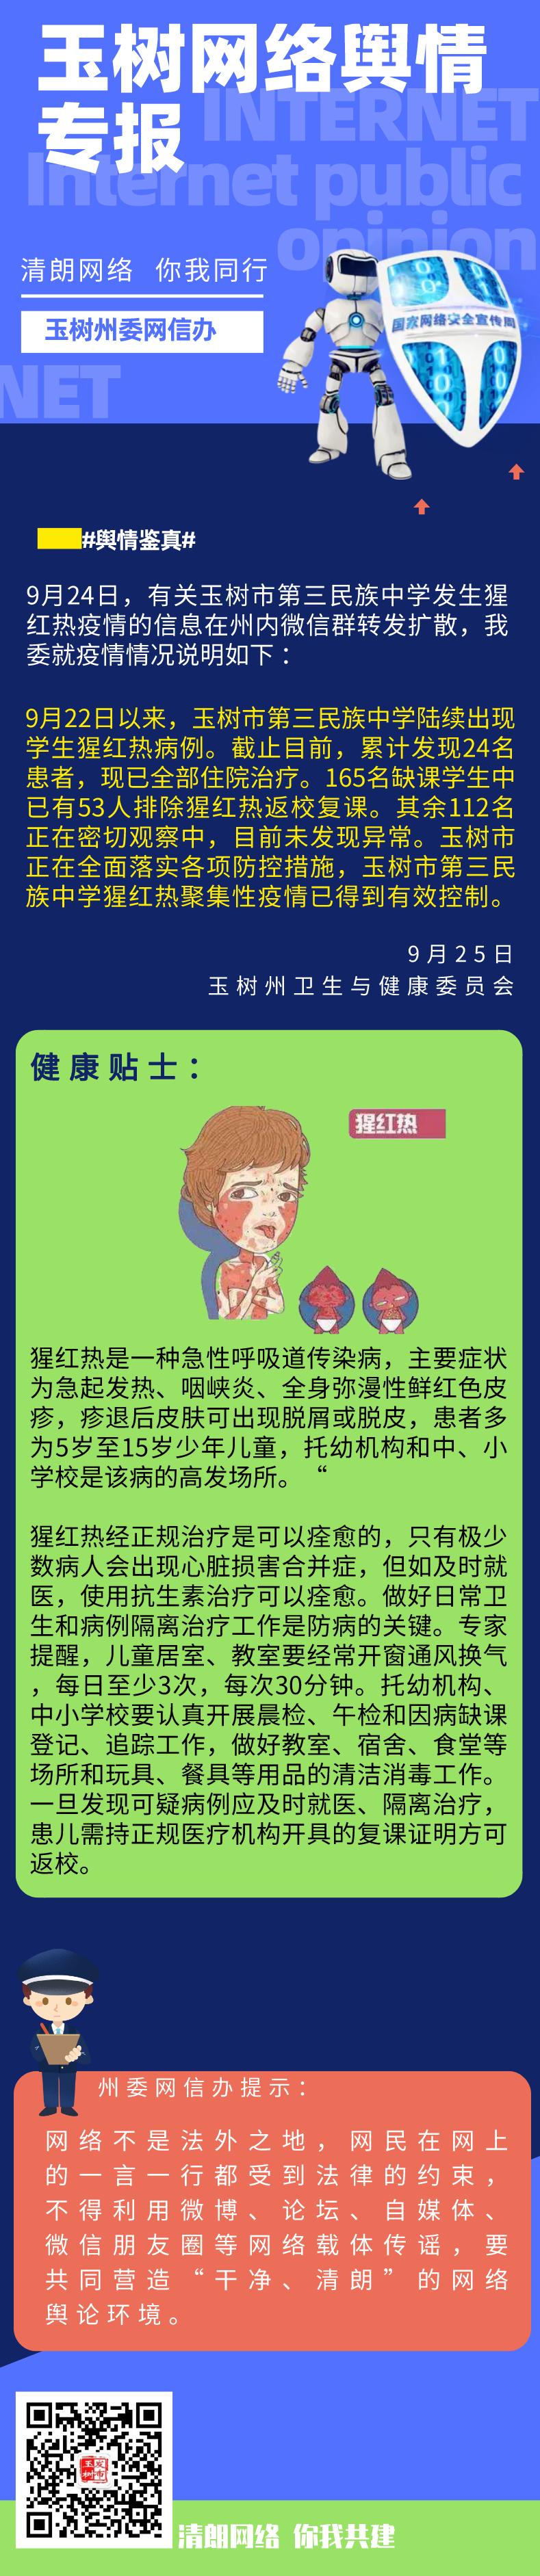 青海玉树一学校发生猩红热疫情,24人住院治疗图片